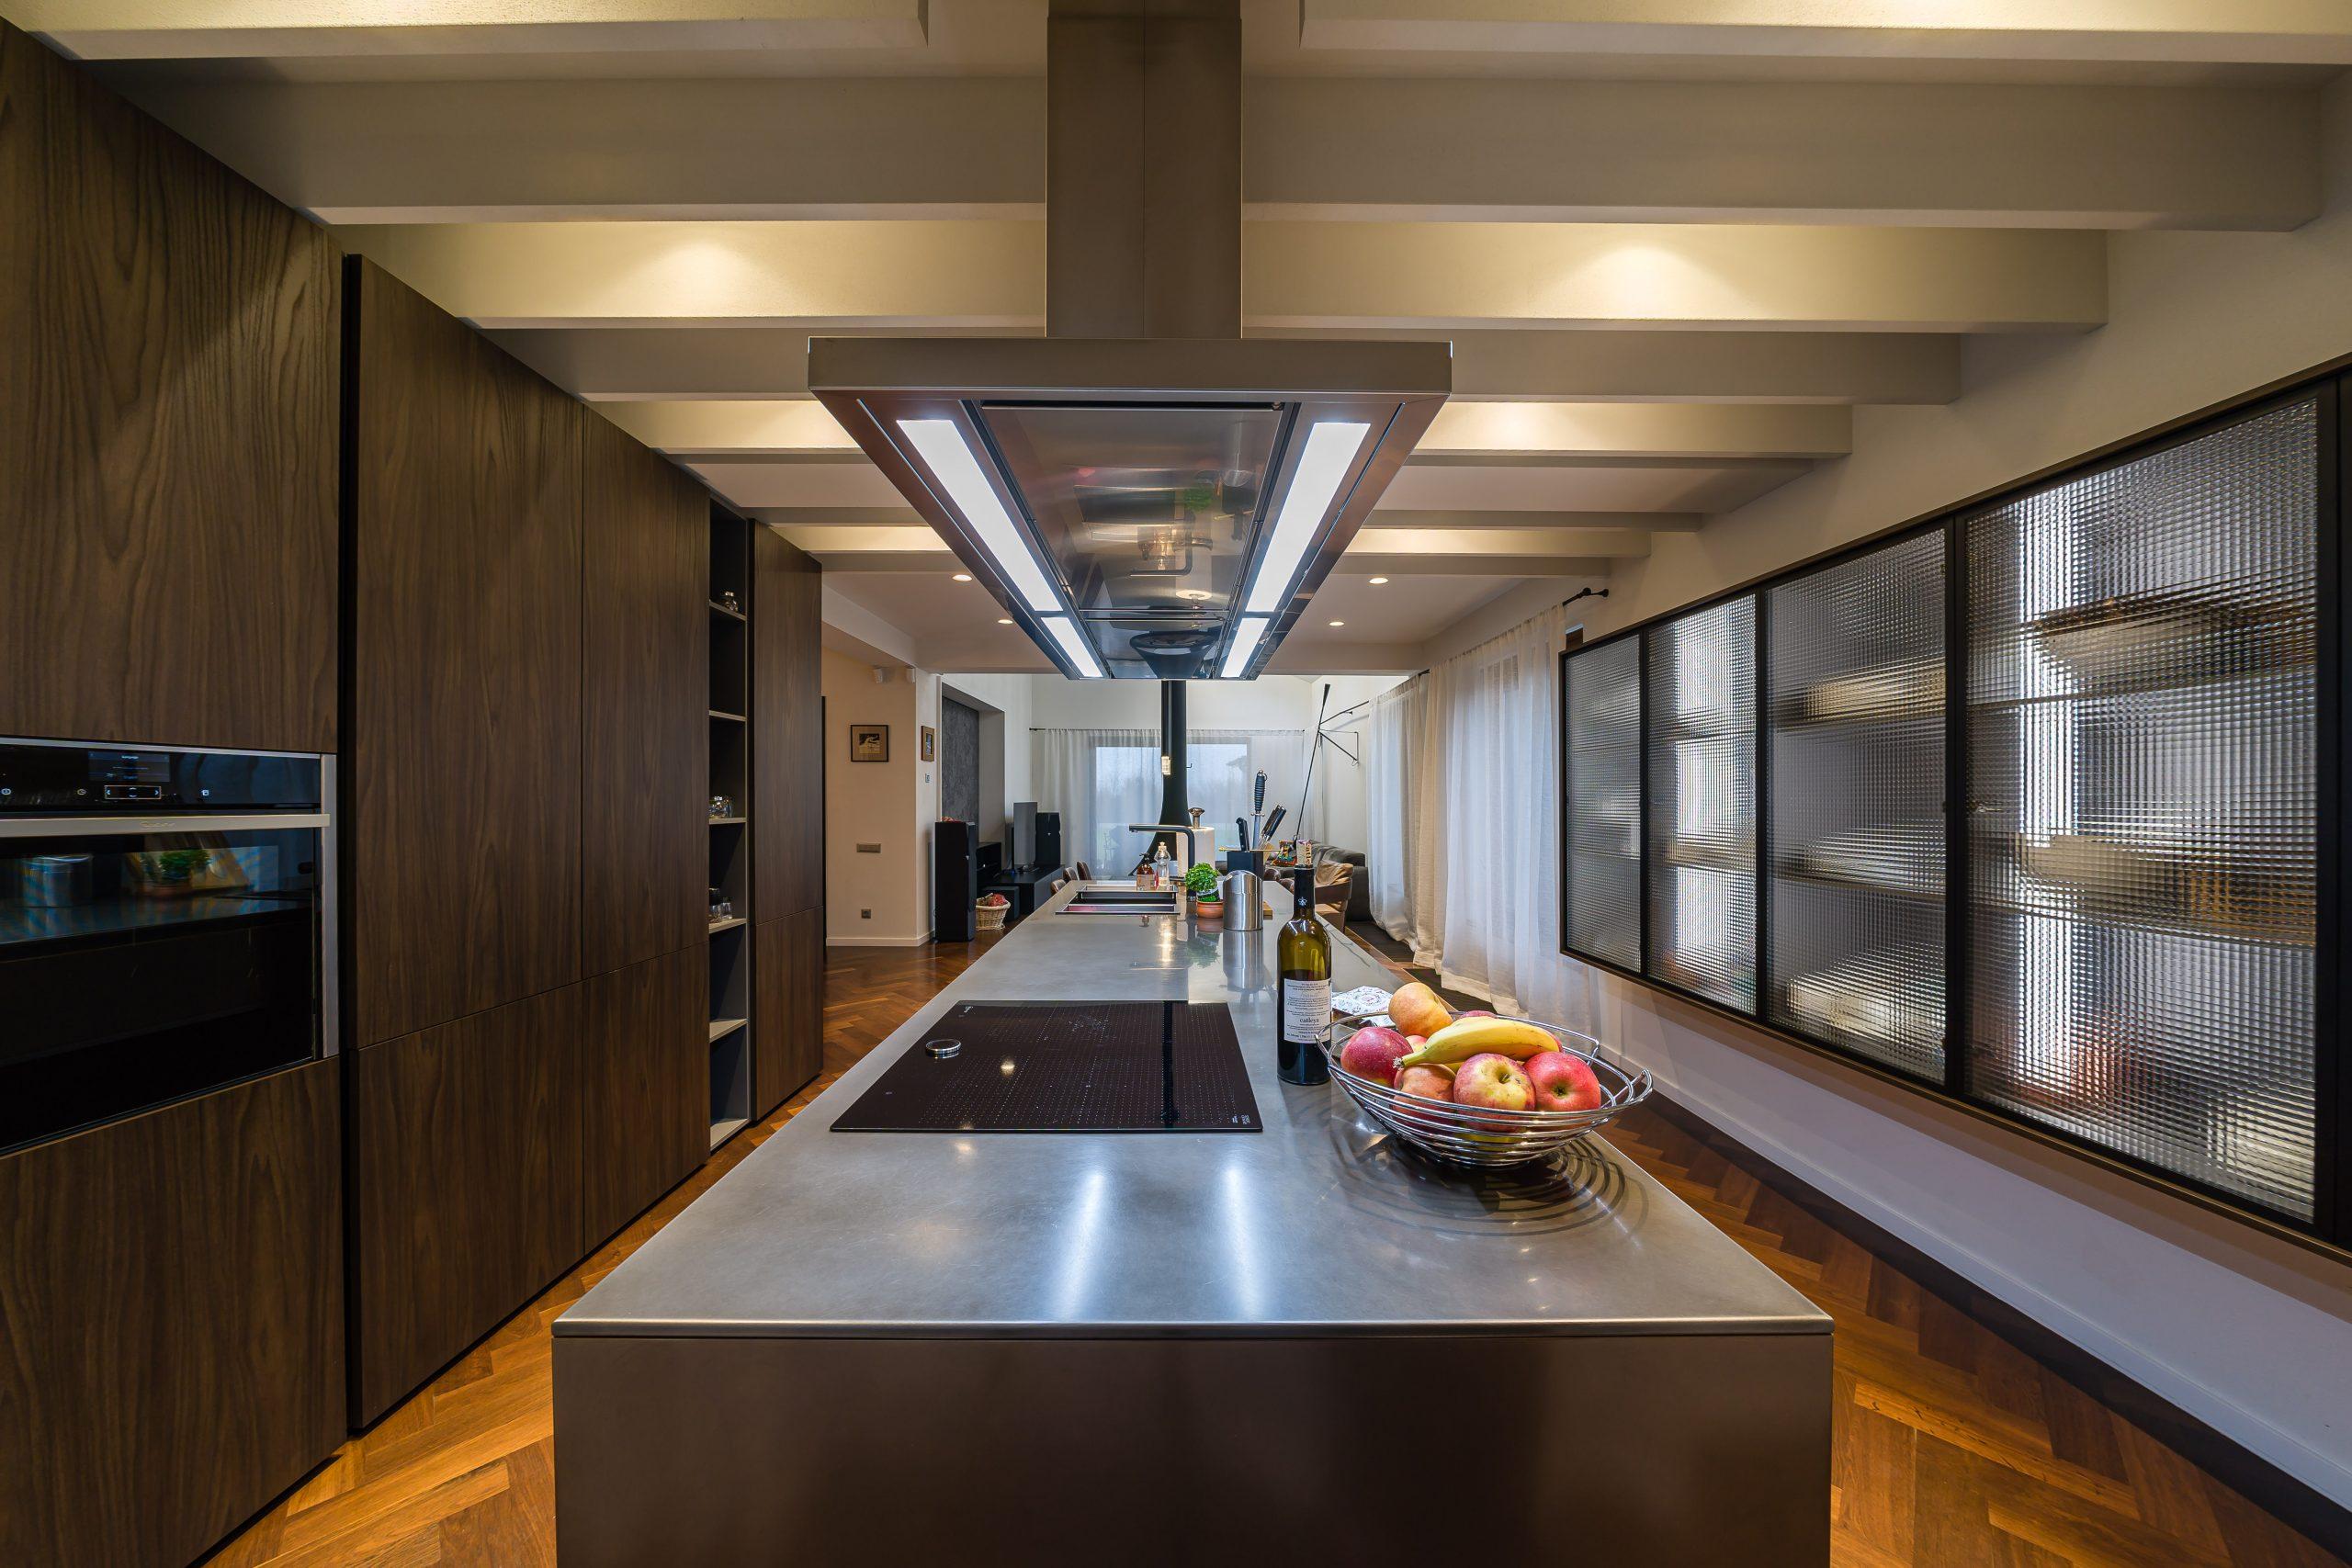 Noua casă a familiei Triță. Discuții de bucătărie și design interior